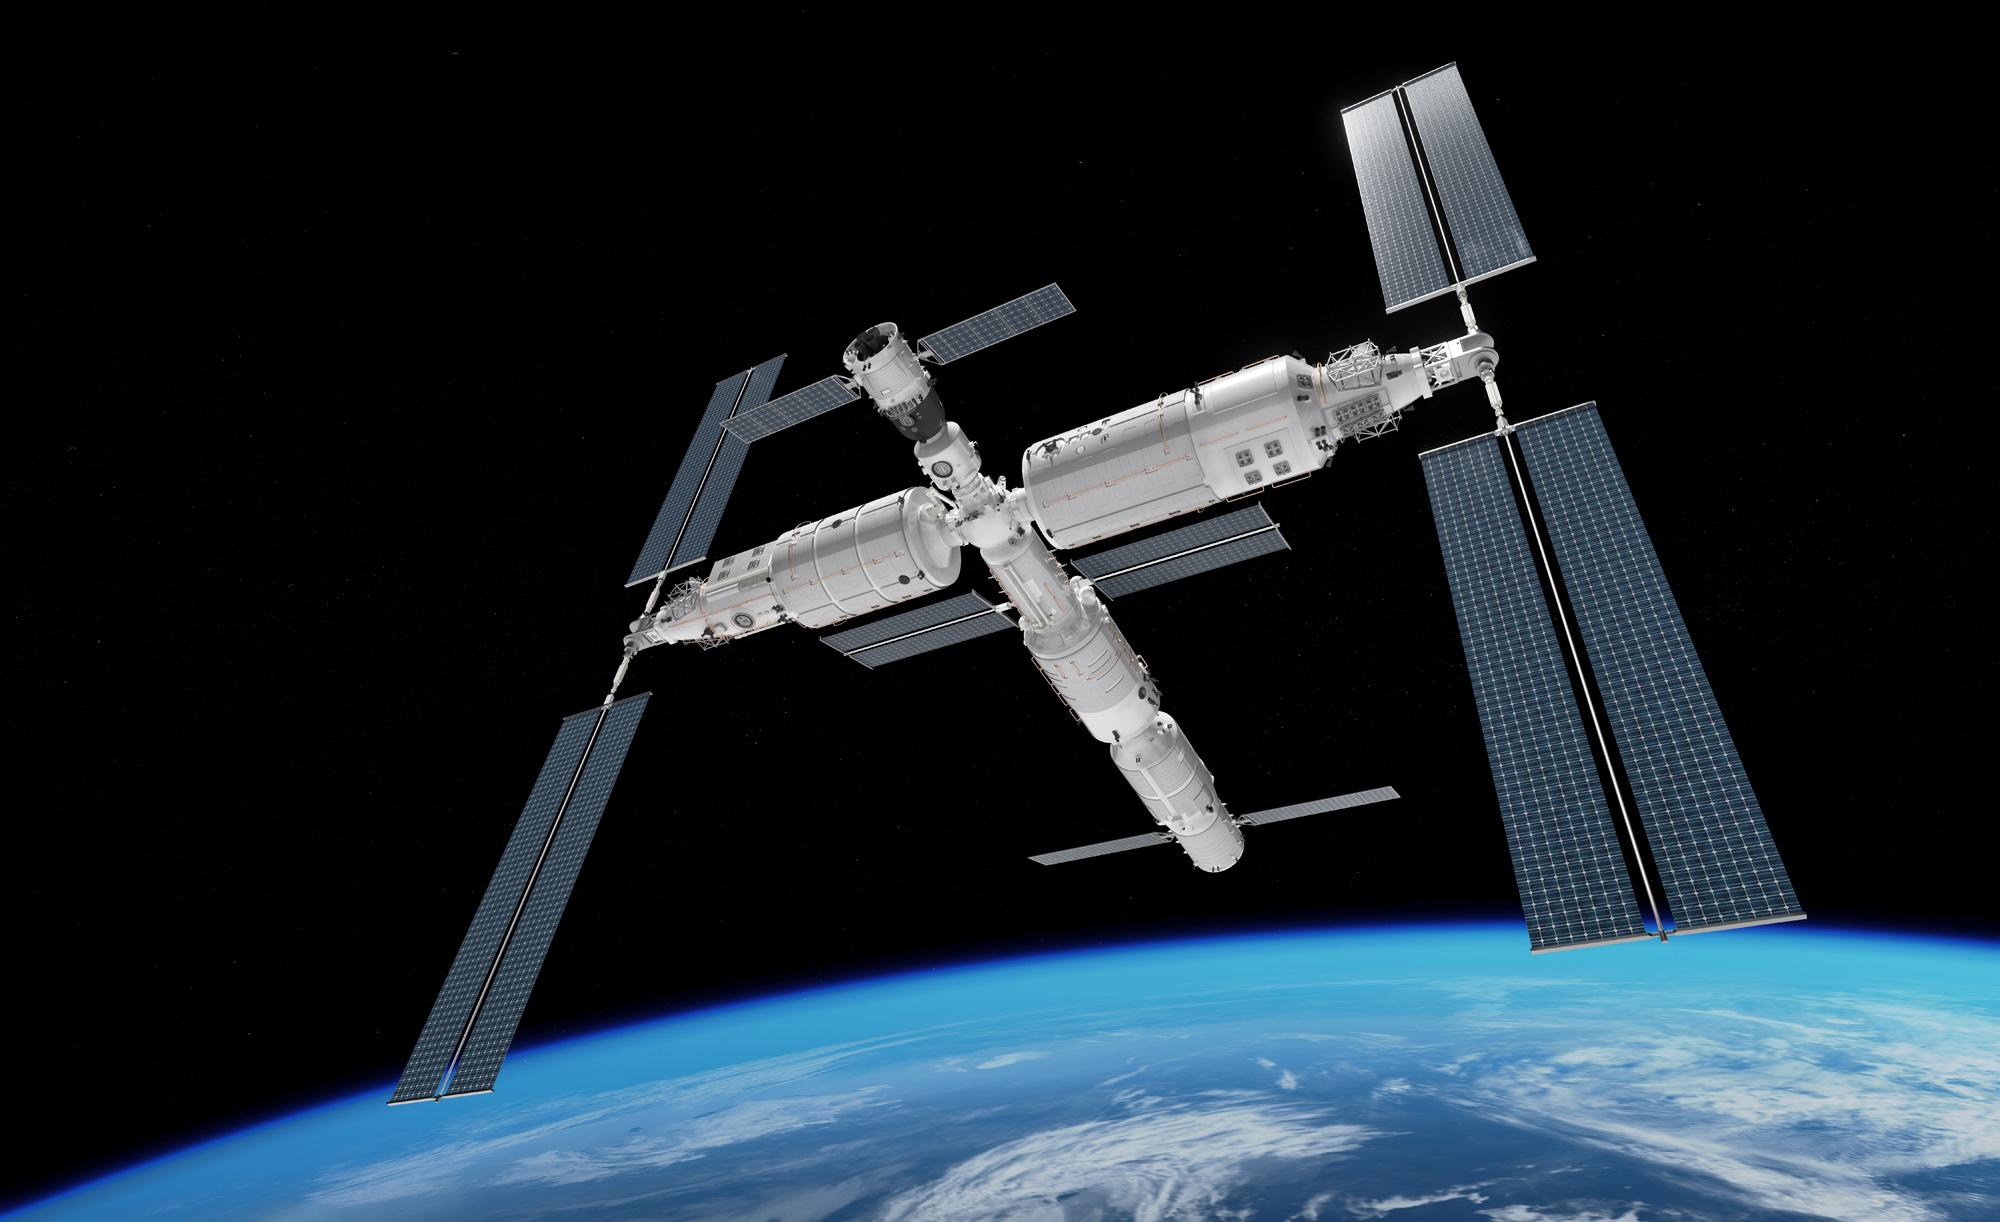 Représentation d'artiste de la station spatiale chinoise prévue en orbite terrestre basse.